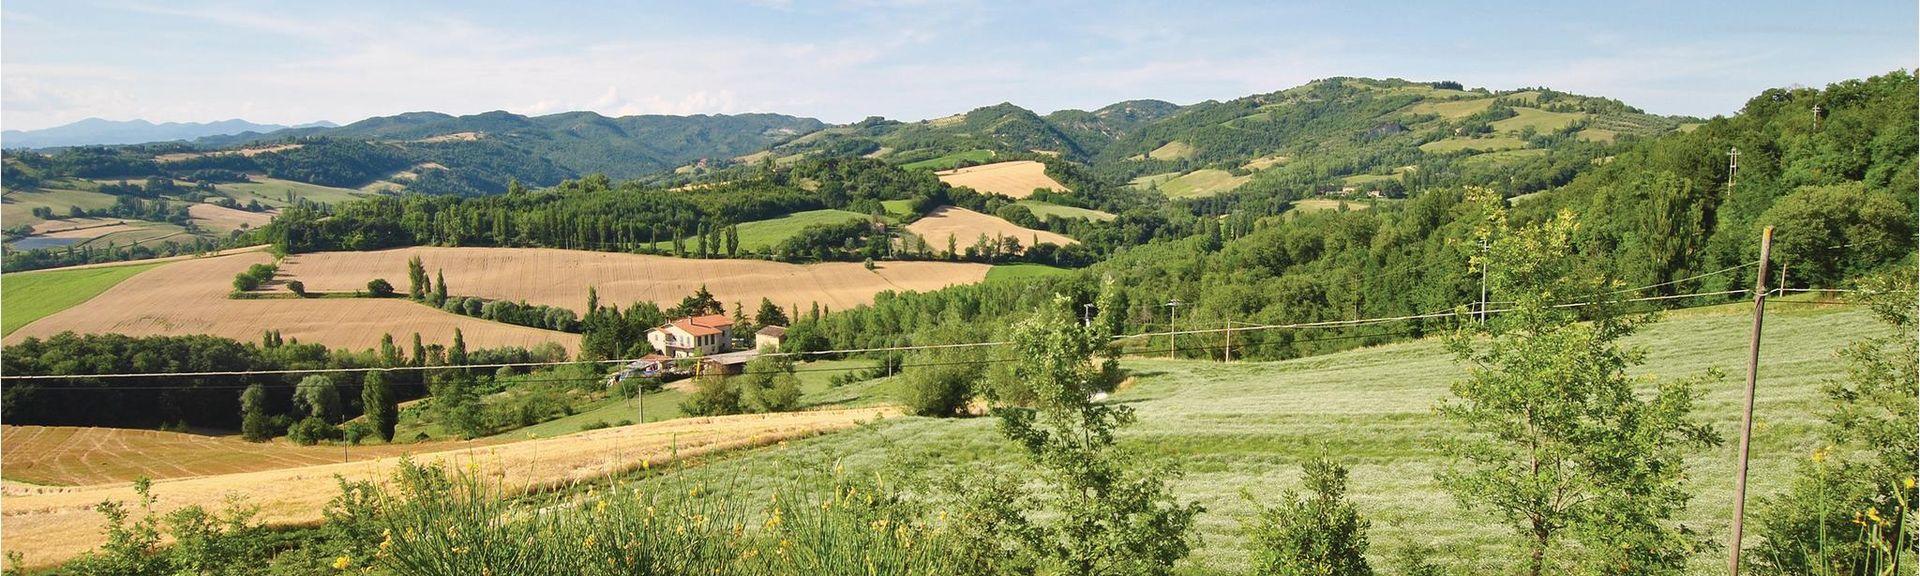 Sansepolcro, Arezzo, Tuscany, Italy